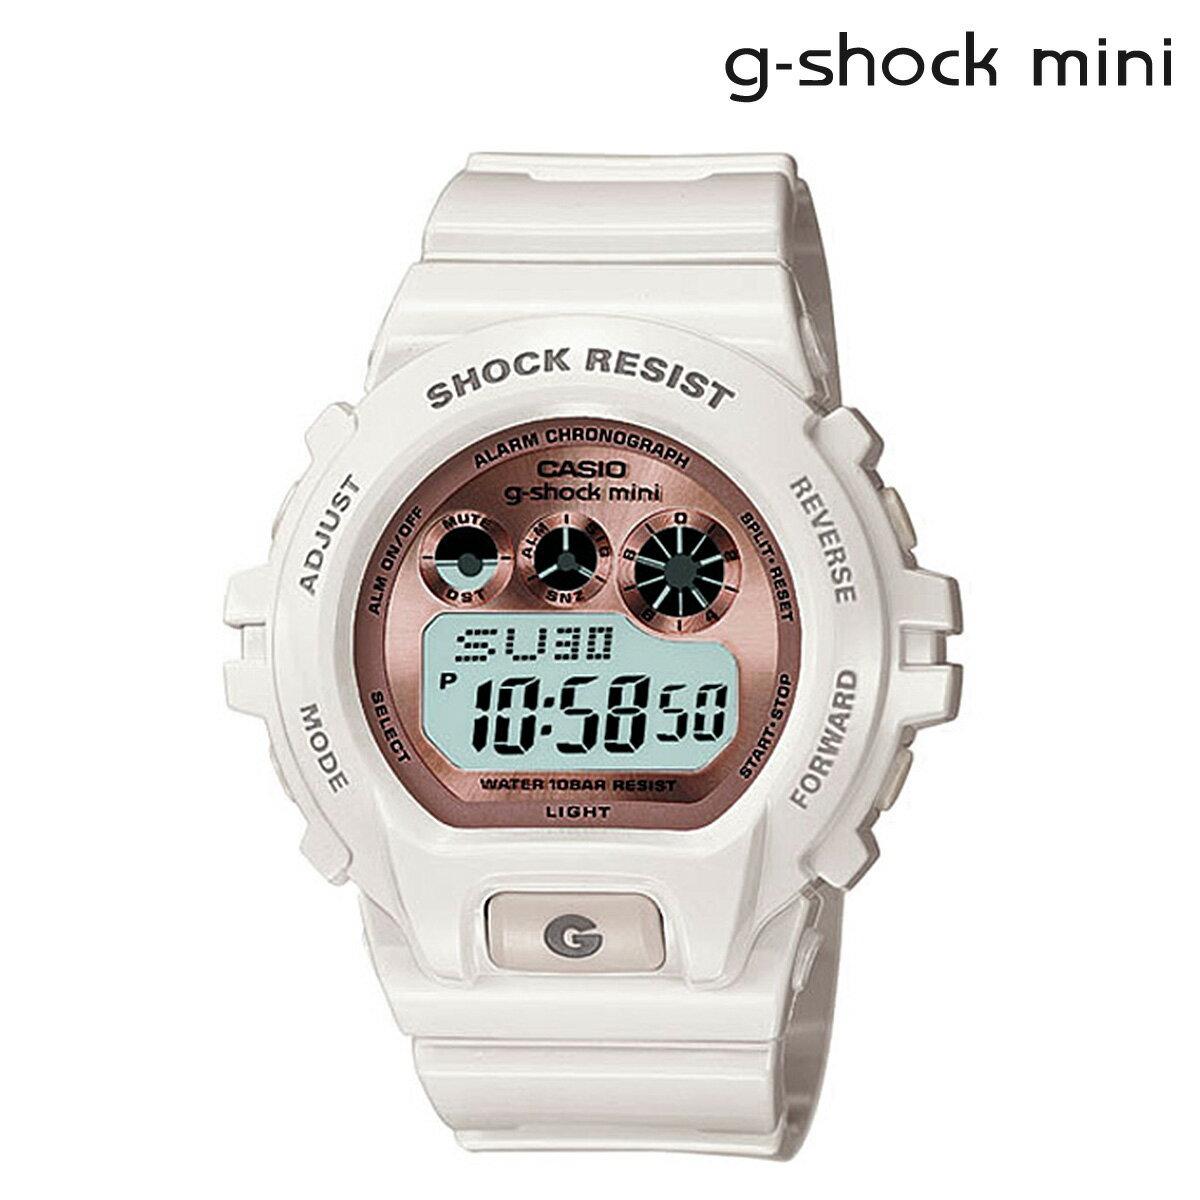 CASIO g-shock mini カシオ 腕時計 GMN-691-7BJF ジーショック ミニ Gショック G-ショック レディース [4/19 再入荷]